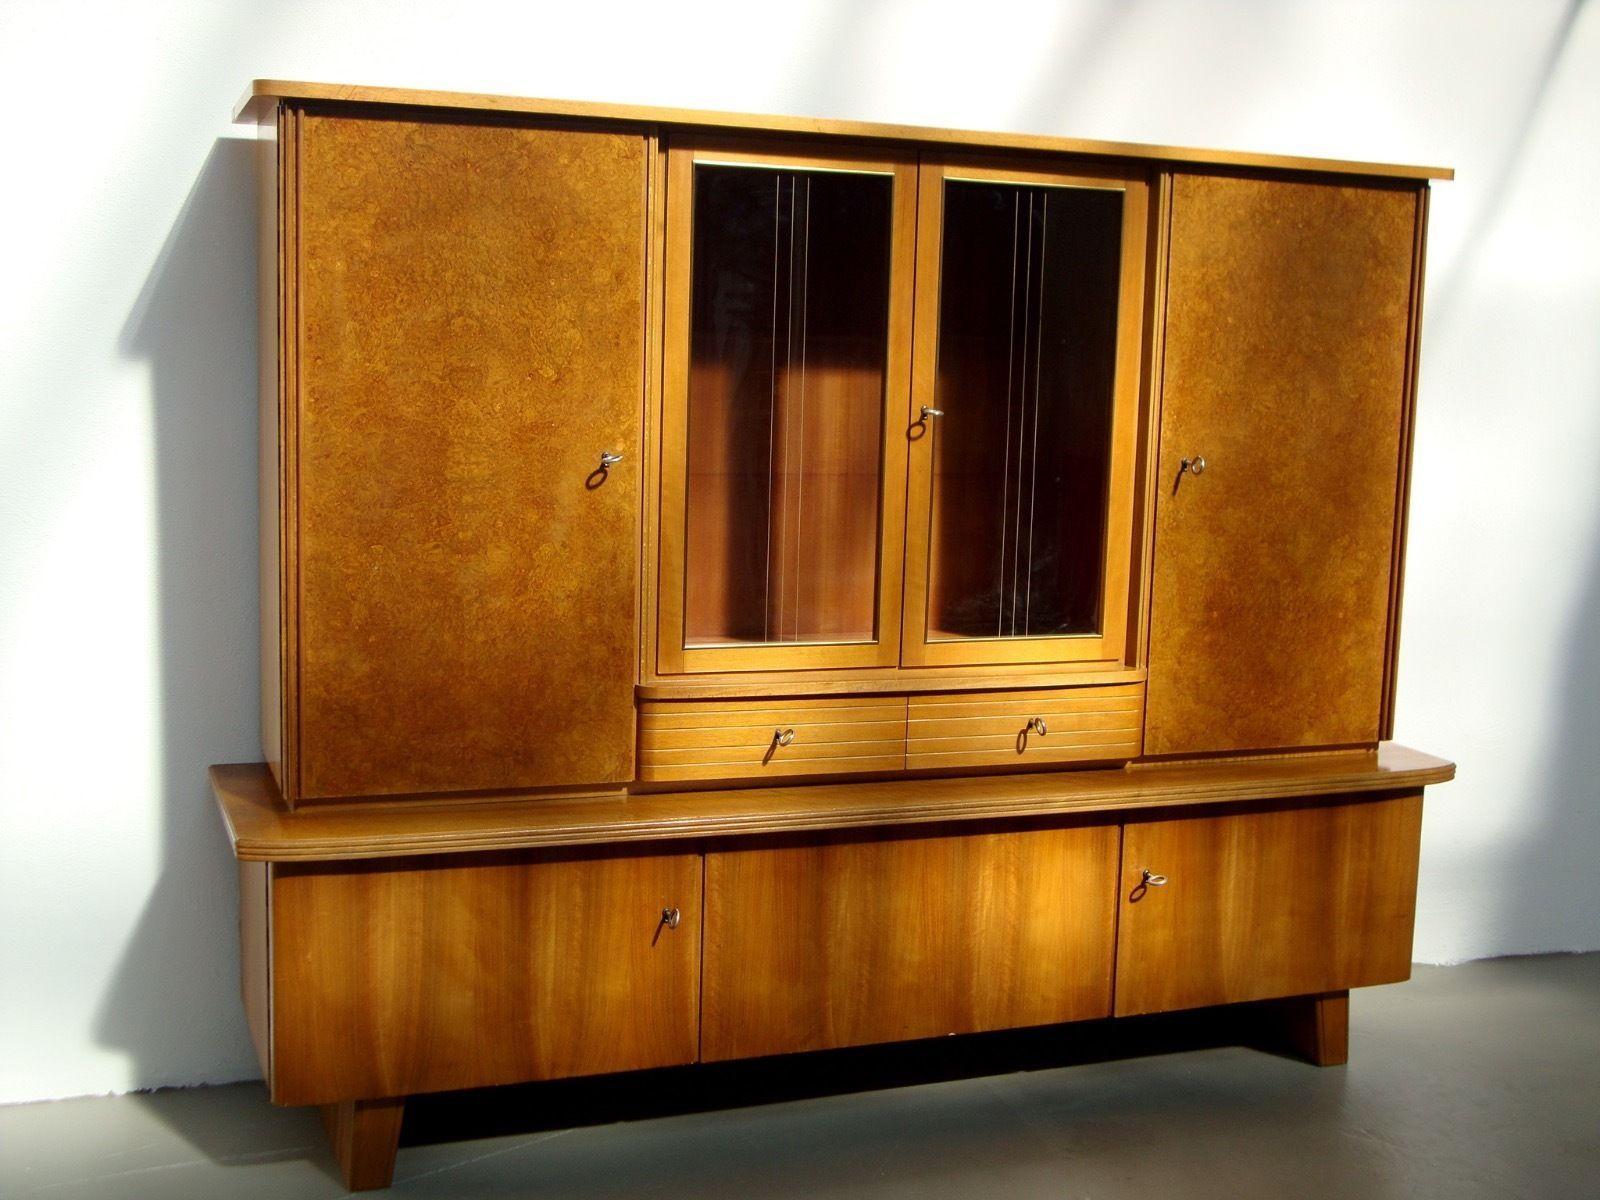 Küchenschrank Küchenbuffet Sideboard Vollholz Schrank Vintage Design ...